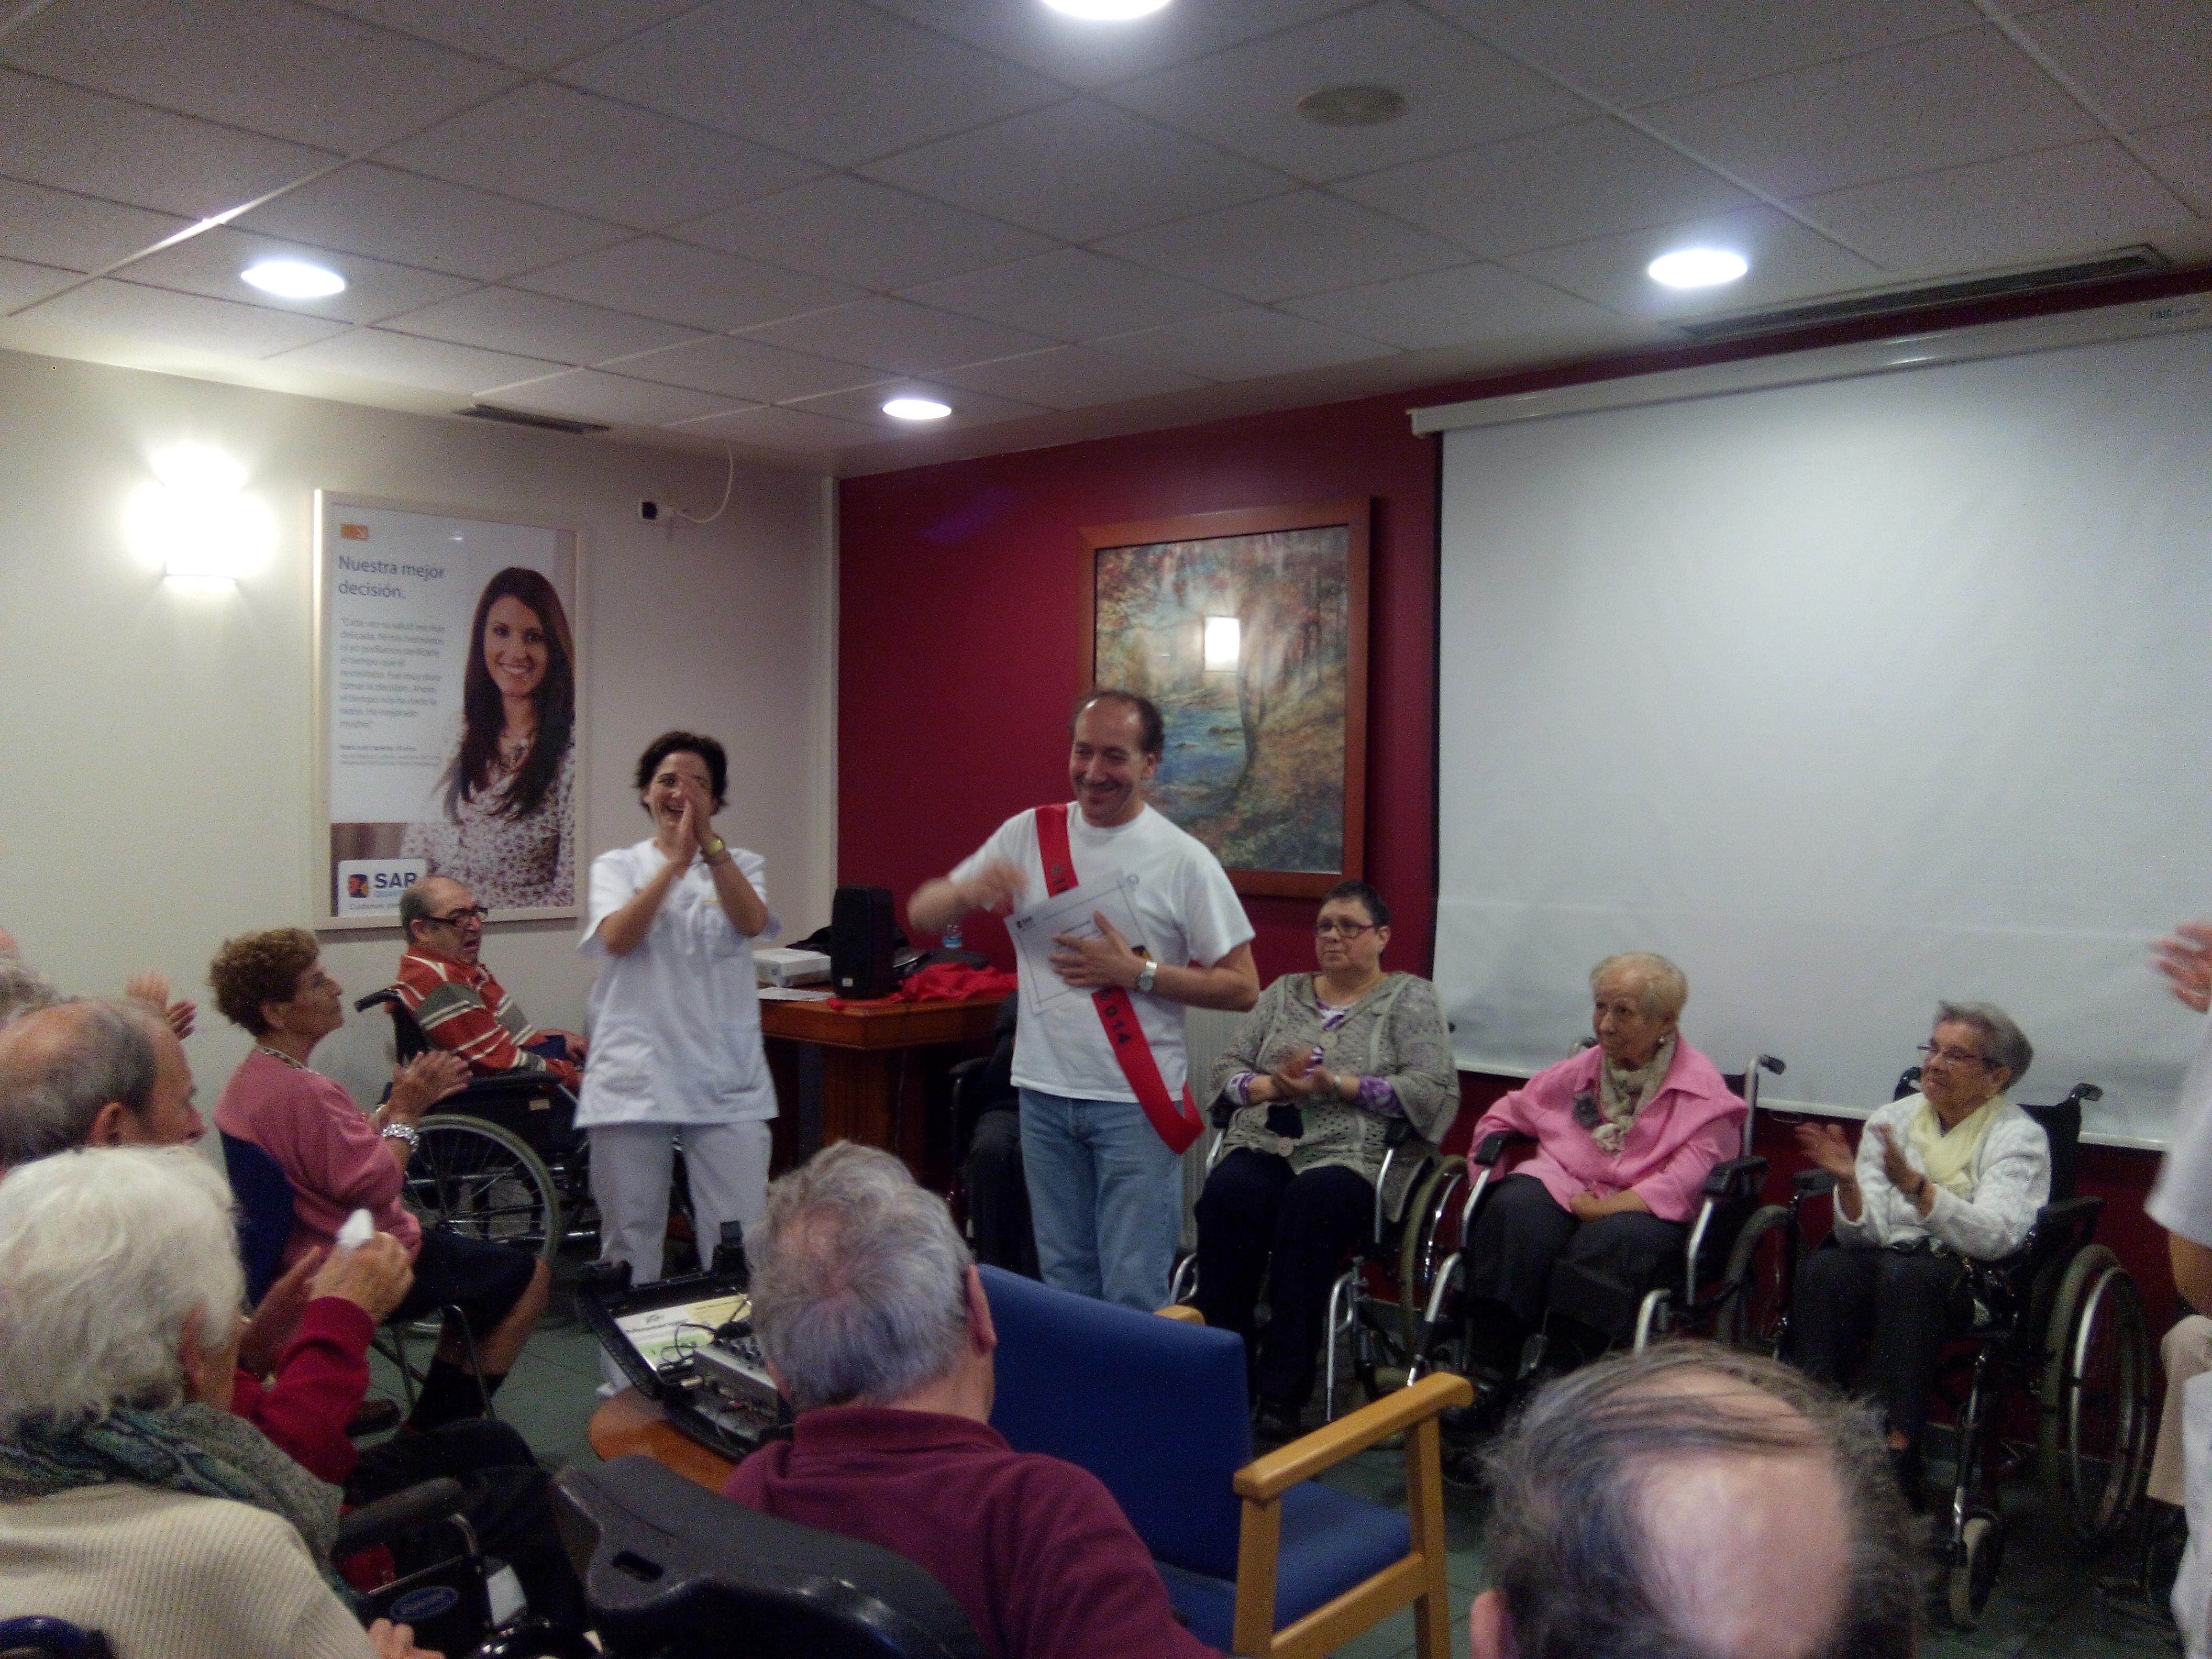 blog anievrsario villasacramento4